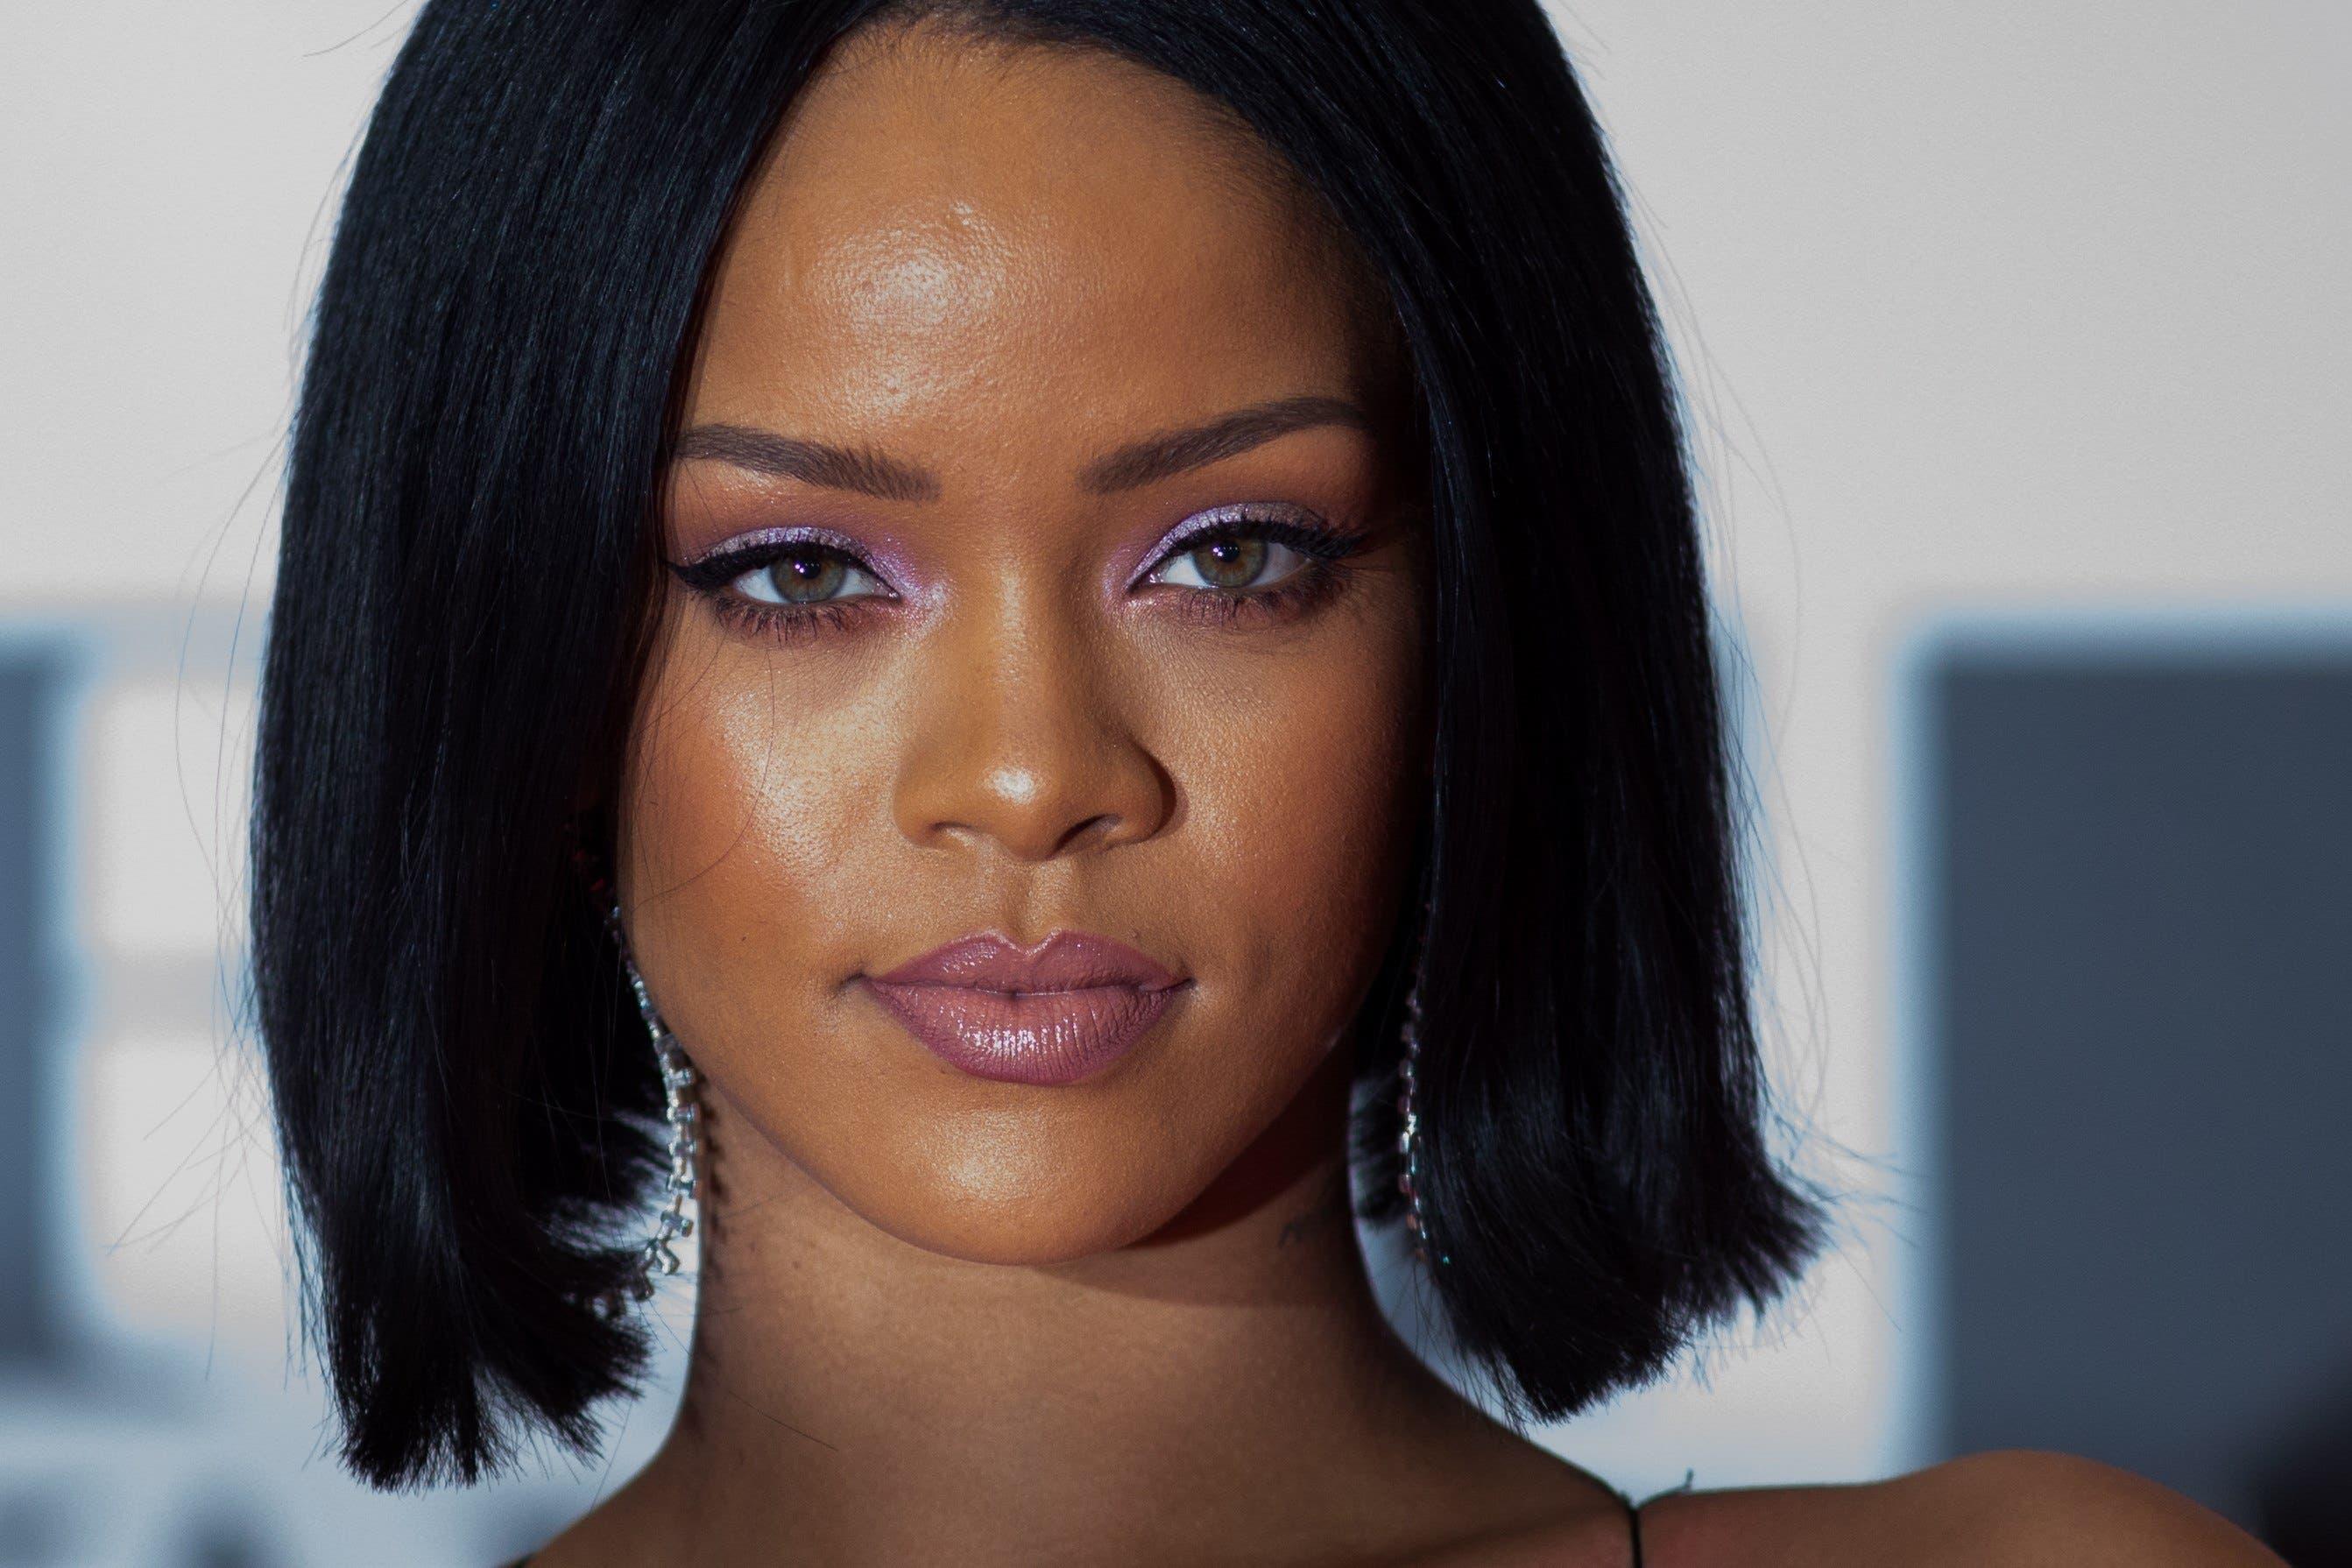 La cantante Rihanna y la estrella del baloncesto Michael Jordan, entre famosos que harán donación para Bahamas tras Dorian